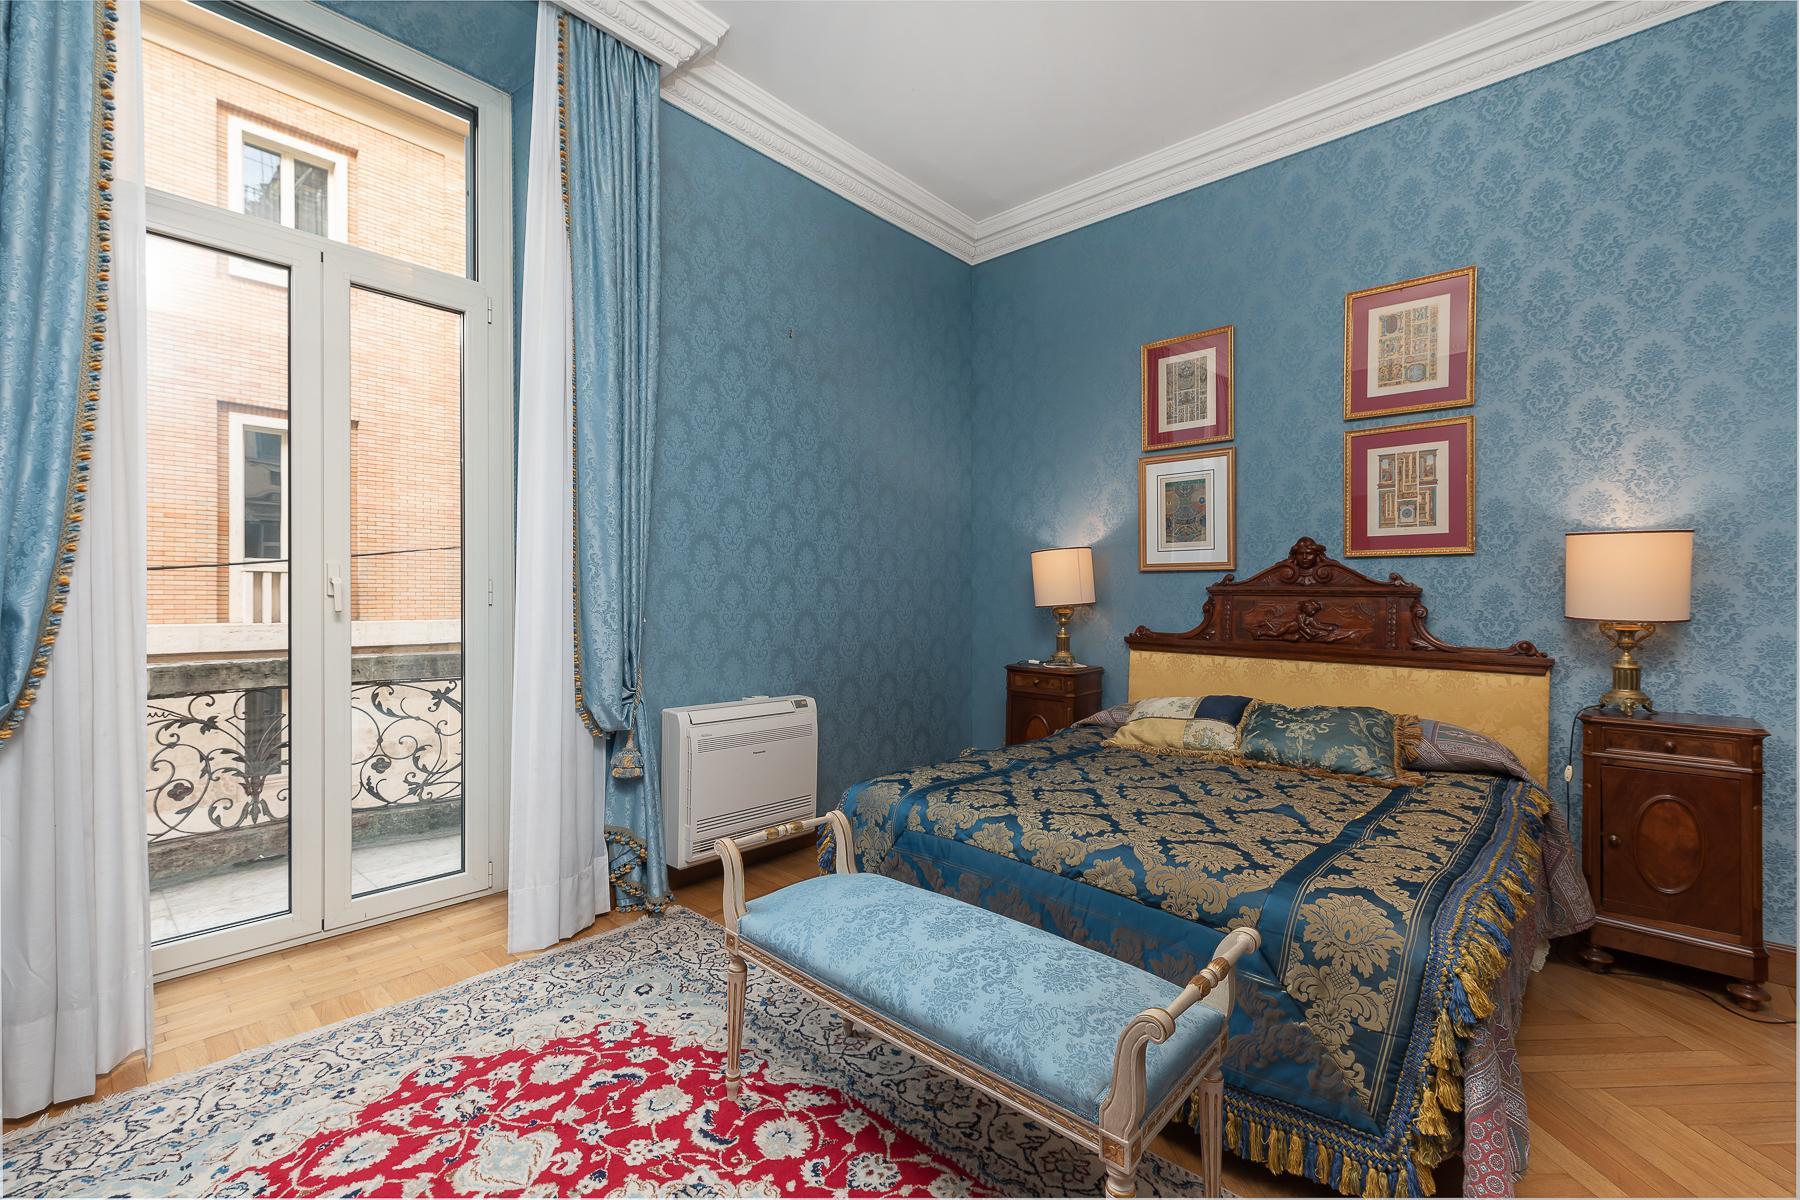 Роскошная квартира с большой террасой  в элегантном здании начала 900 года - 10